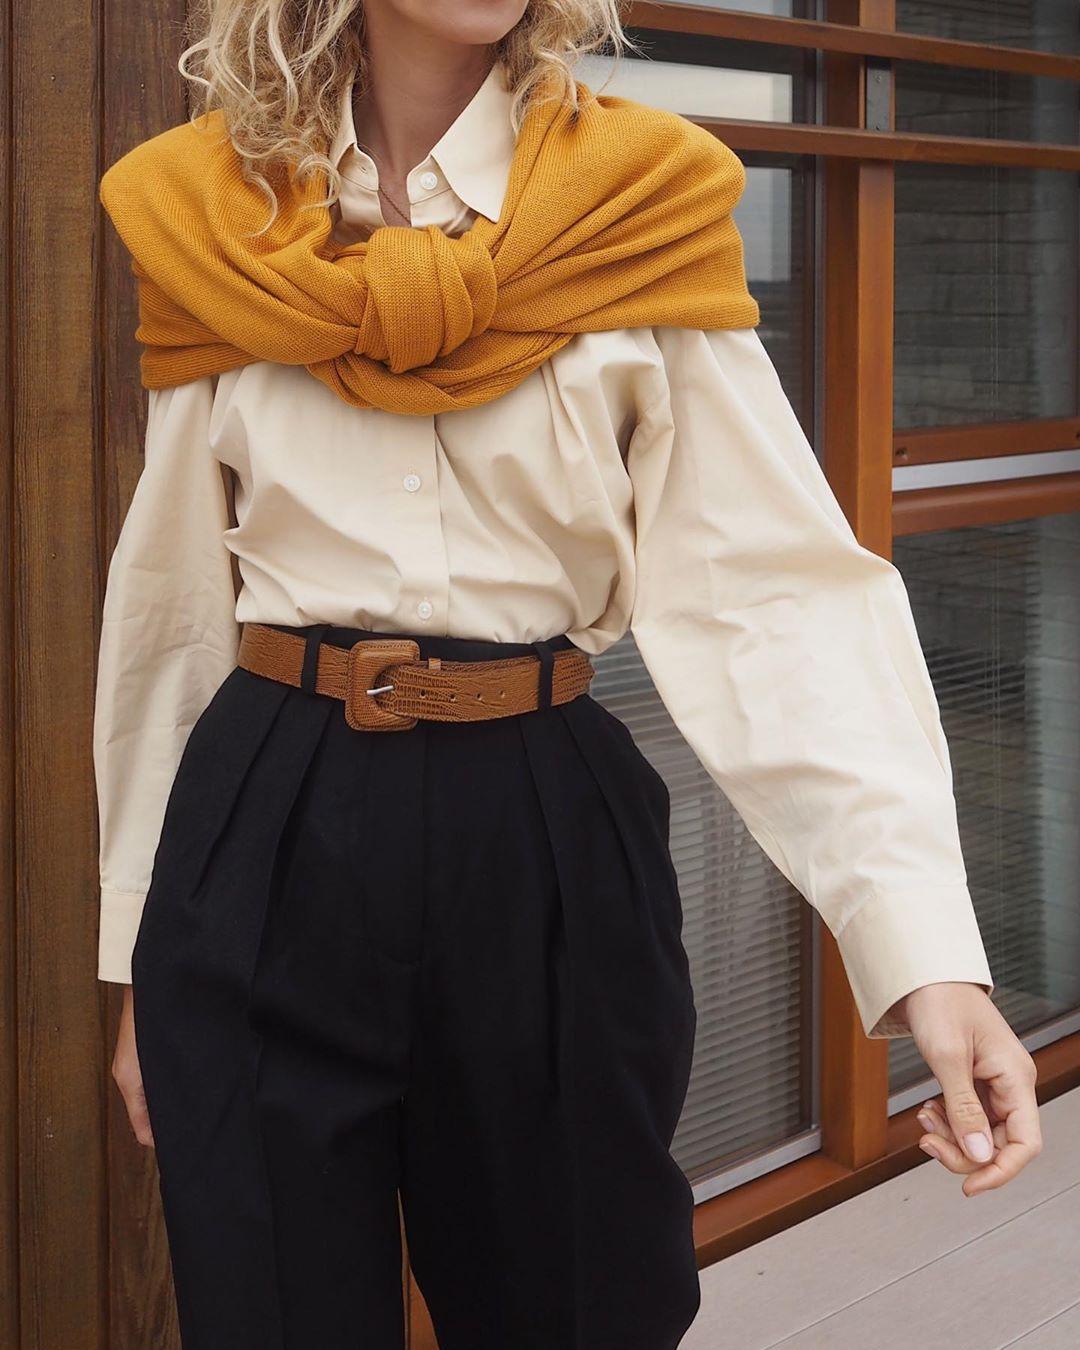 cô gái phối layer với áo sơ mi vàng nhạt và choàng áo sweater